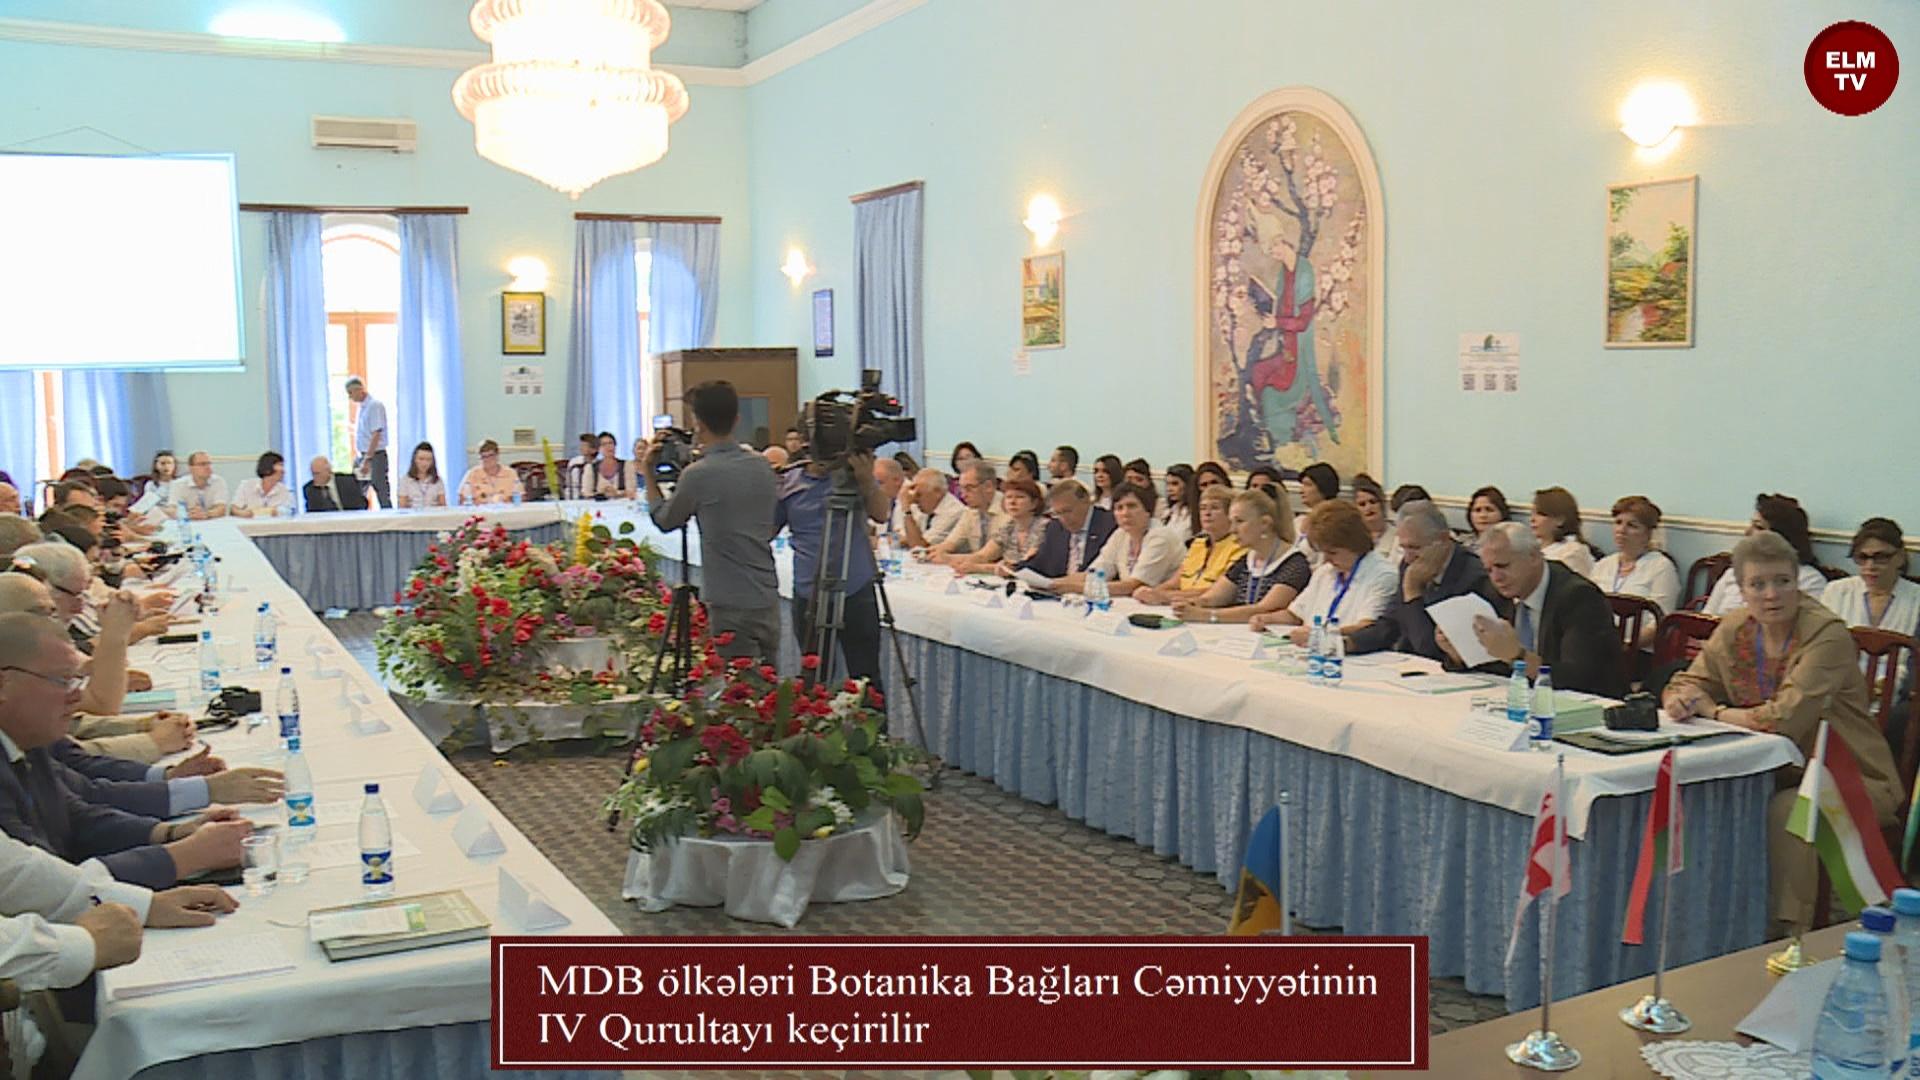 MDB ölkələri Botanika Bağları Cəmiyyətinin IV Qurultayı keçirilir